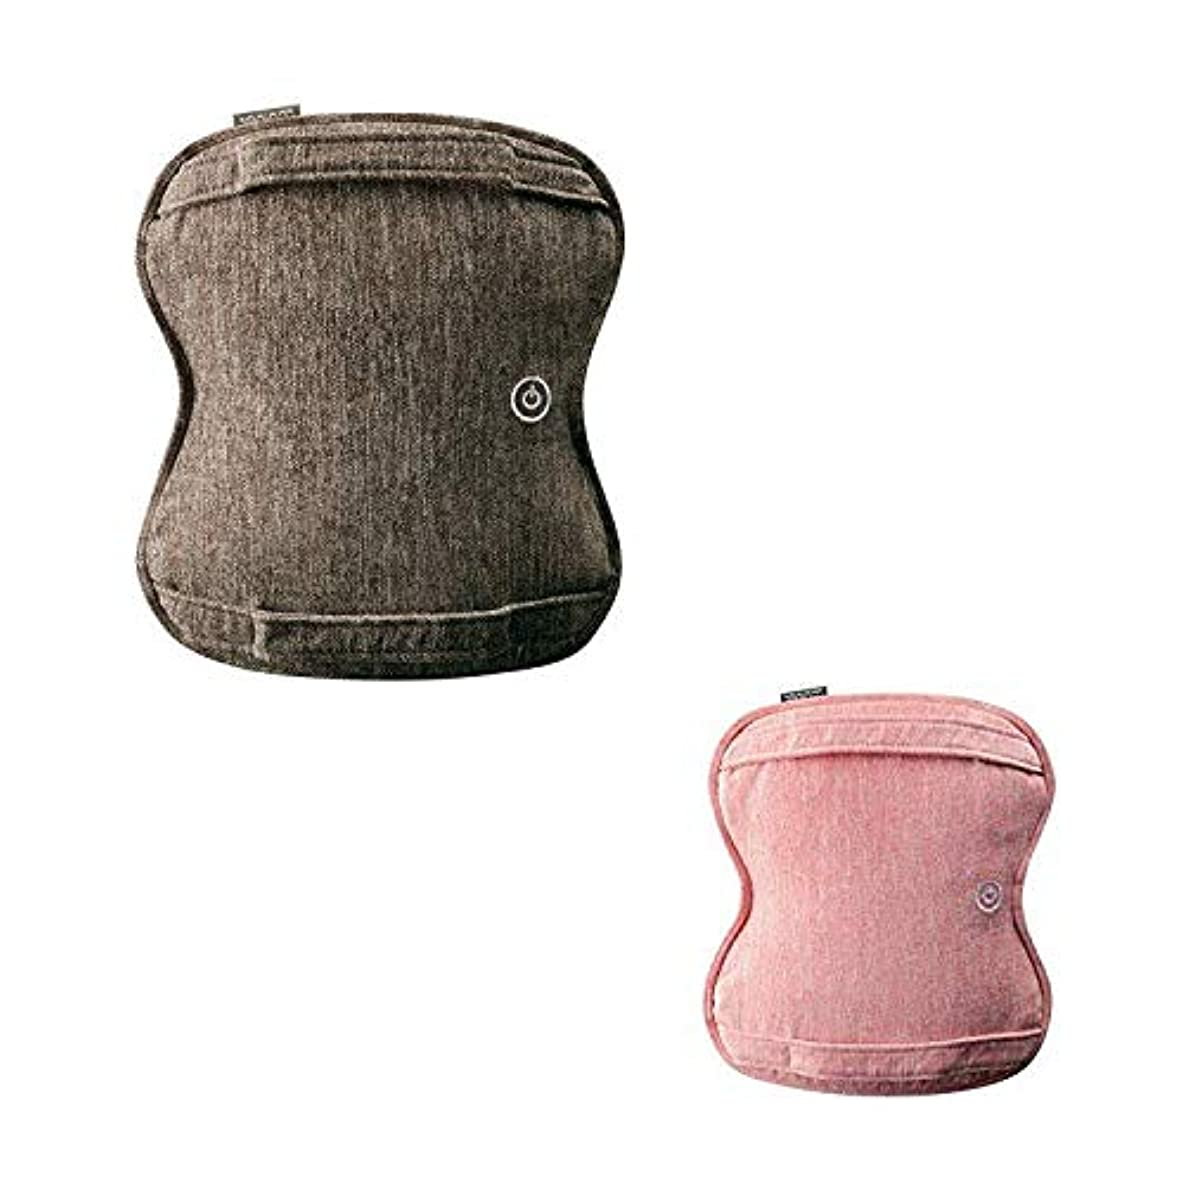 インレイジャンク隣接ルルド AX-HCL258 ダブルもみ マッサージクッション マッサージ器 洗える 健康器具 腰痛 肩 首 プレゼント アテックス ATEX ランキング (ピンク(pk))